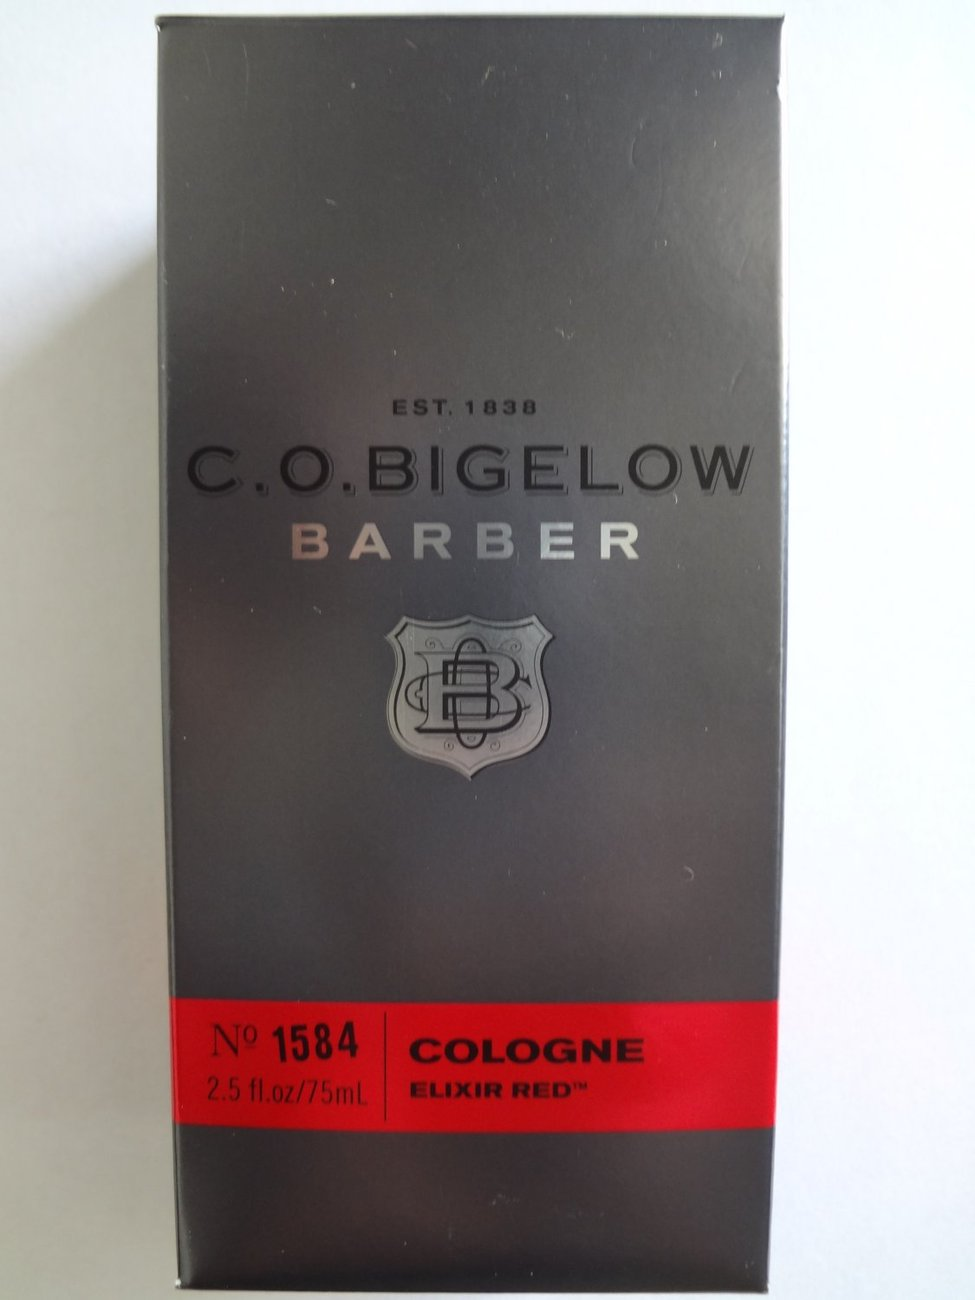 C.O. Bigelow Barber ELIXIR RED Cologne No.1584, 2.5 oz/75 ml